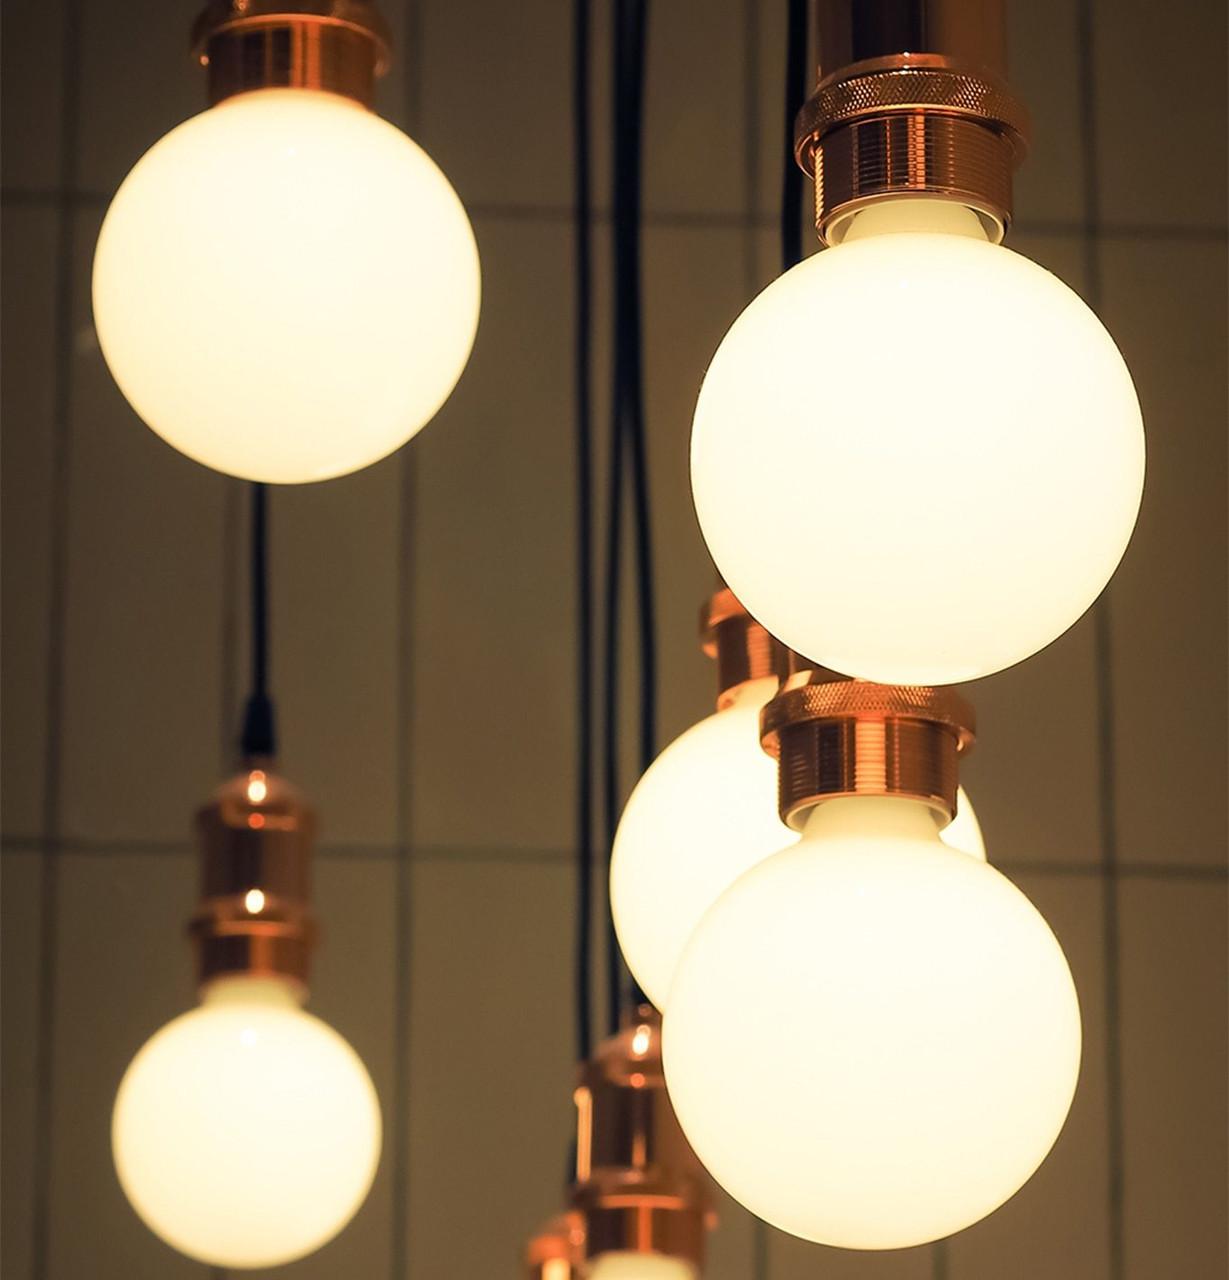 LED Dimmable Globe Bayonet Light Bulbs